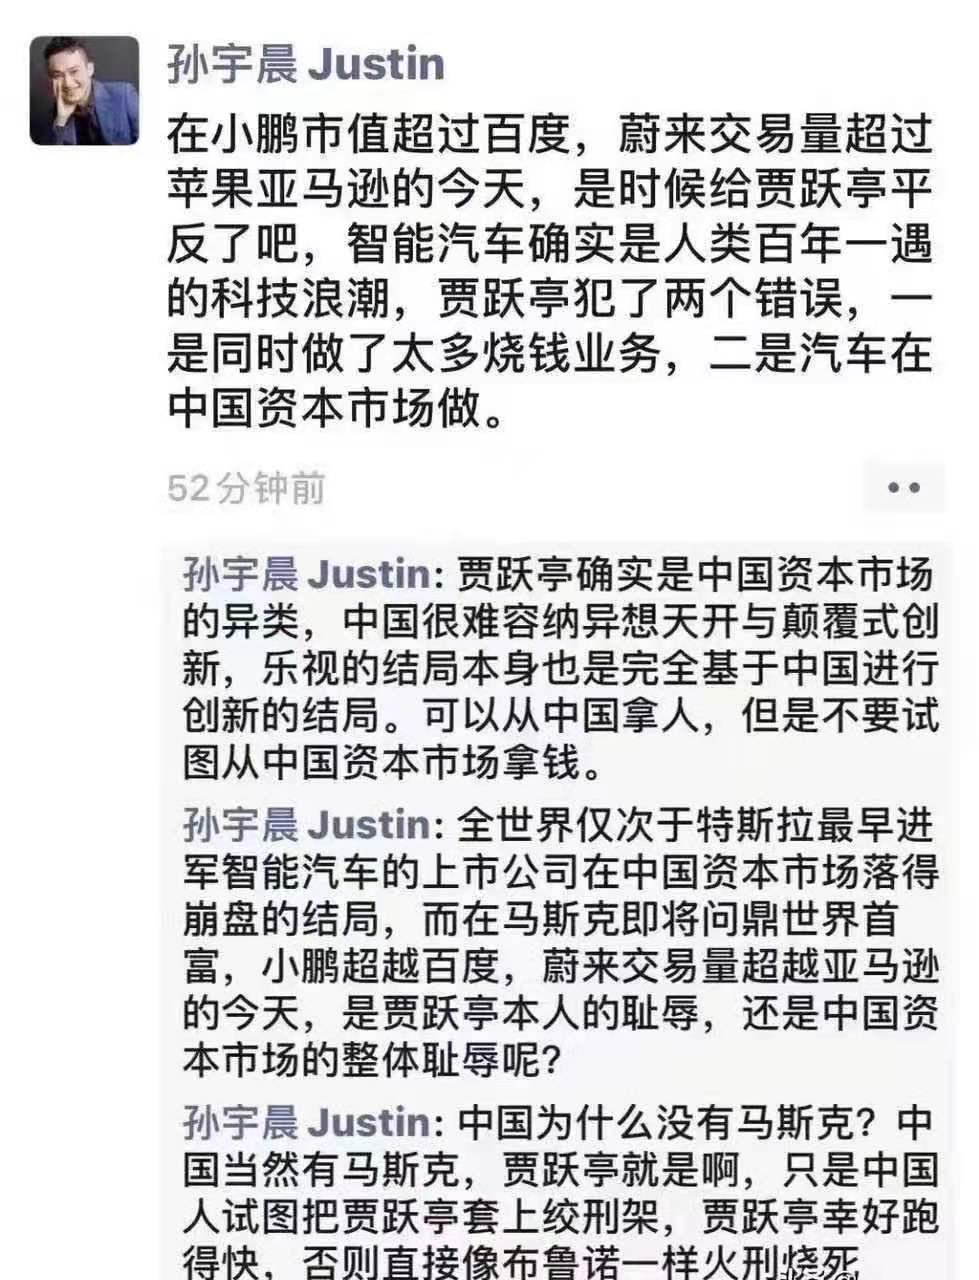 孙宇晨给贾跃亭平反,28万股民估计不同意,想正名学学罗永浩